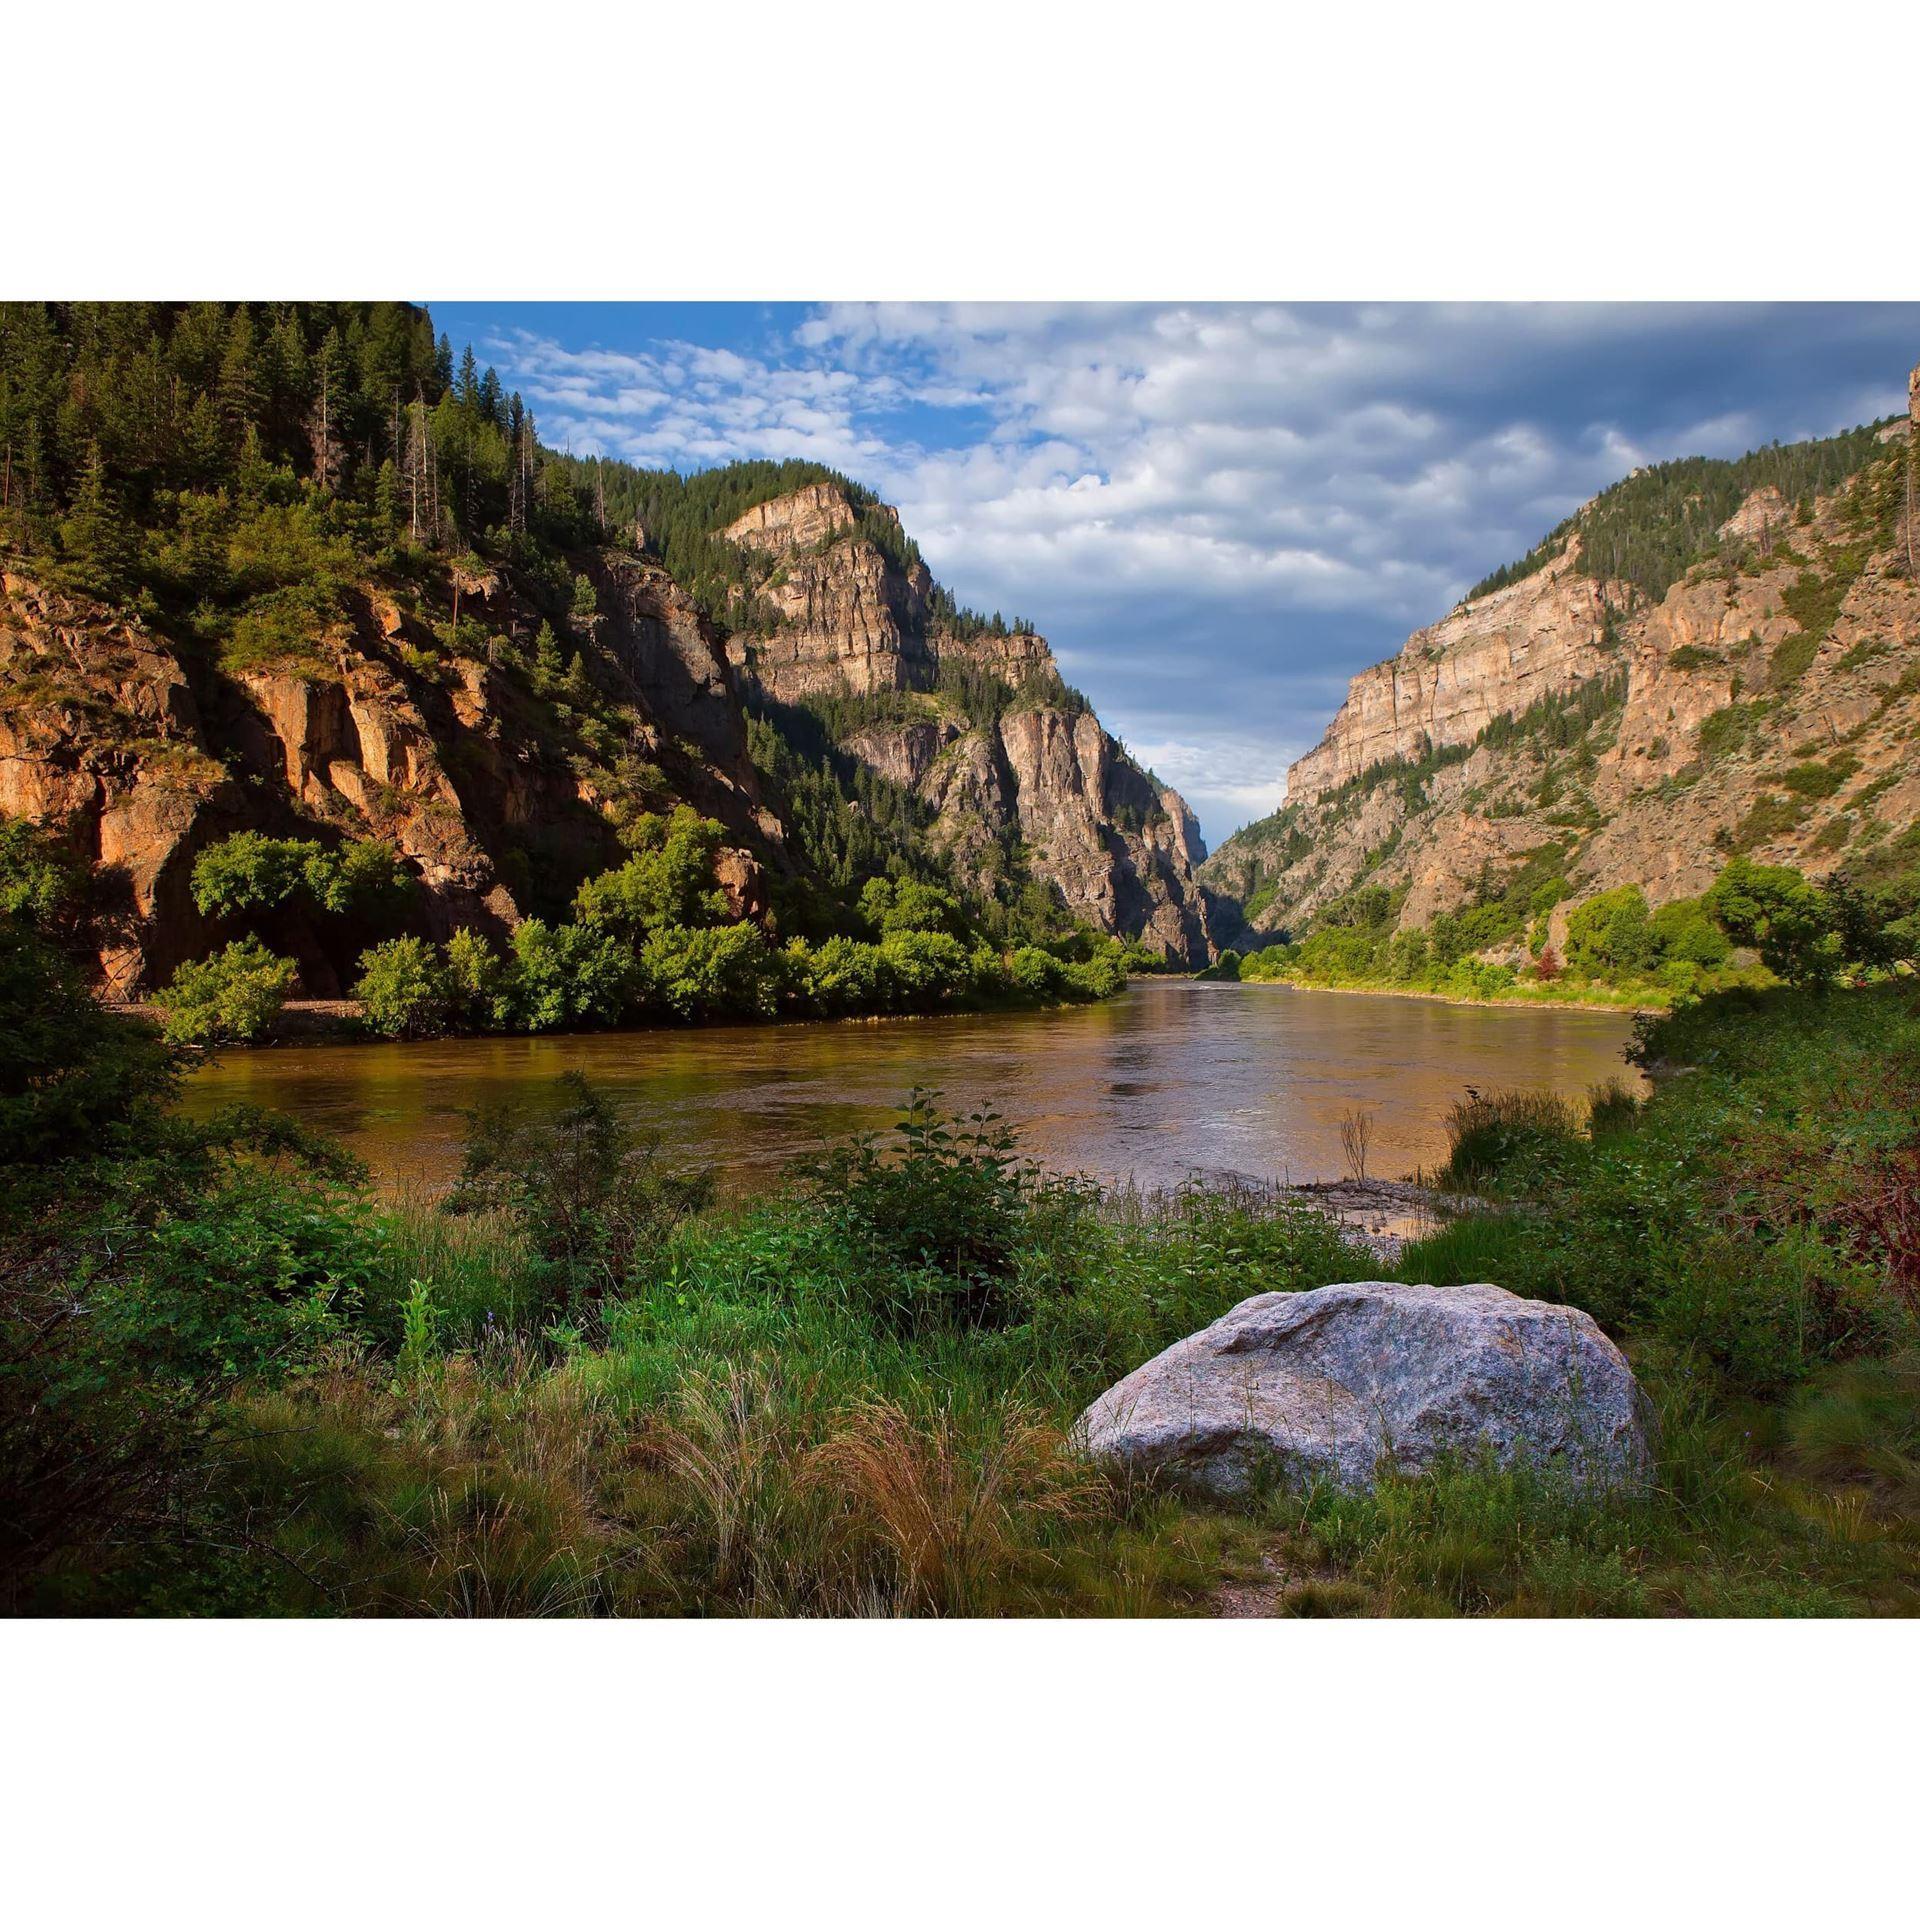 Glenwood Canyon Morning 48x32